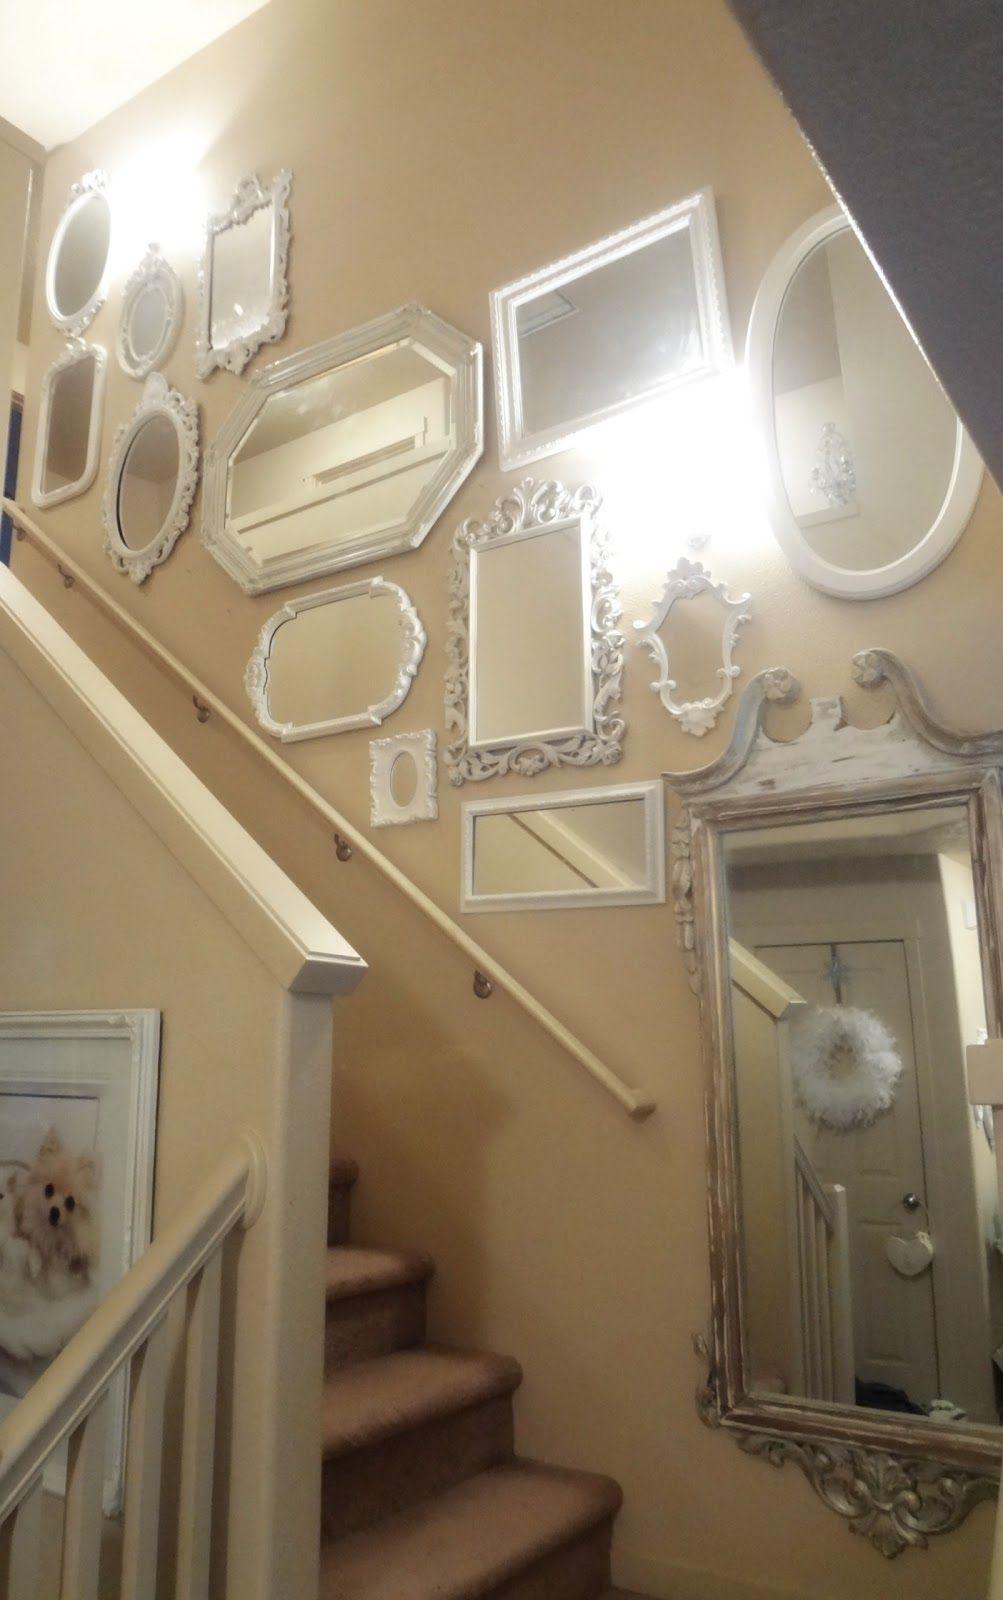 espejos | Cosas de decoración | Pinterest | Espejo, Escalera y Sueños